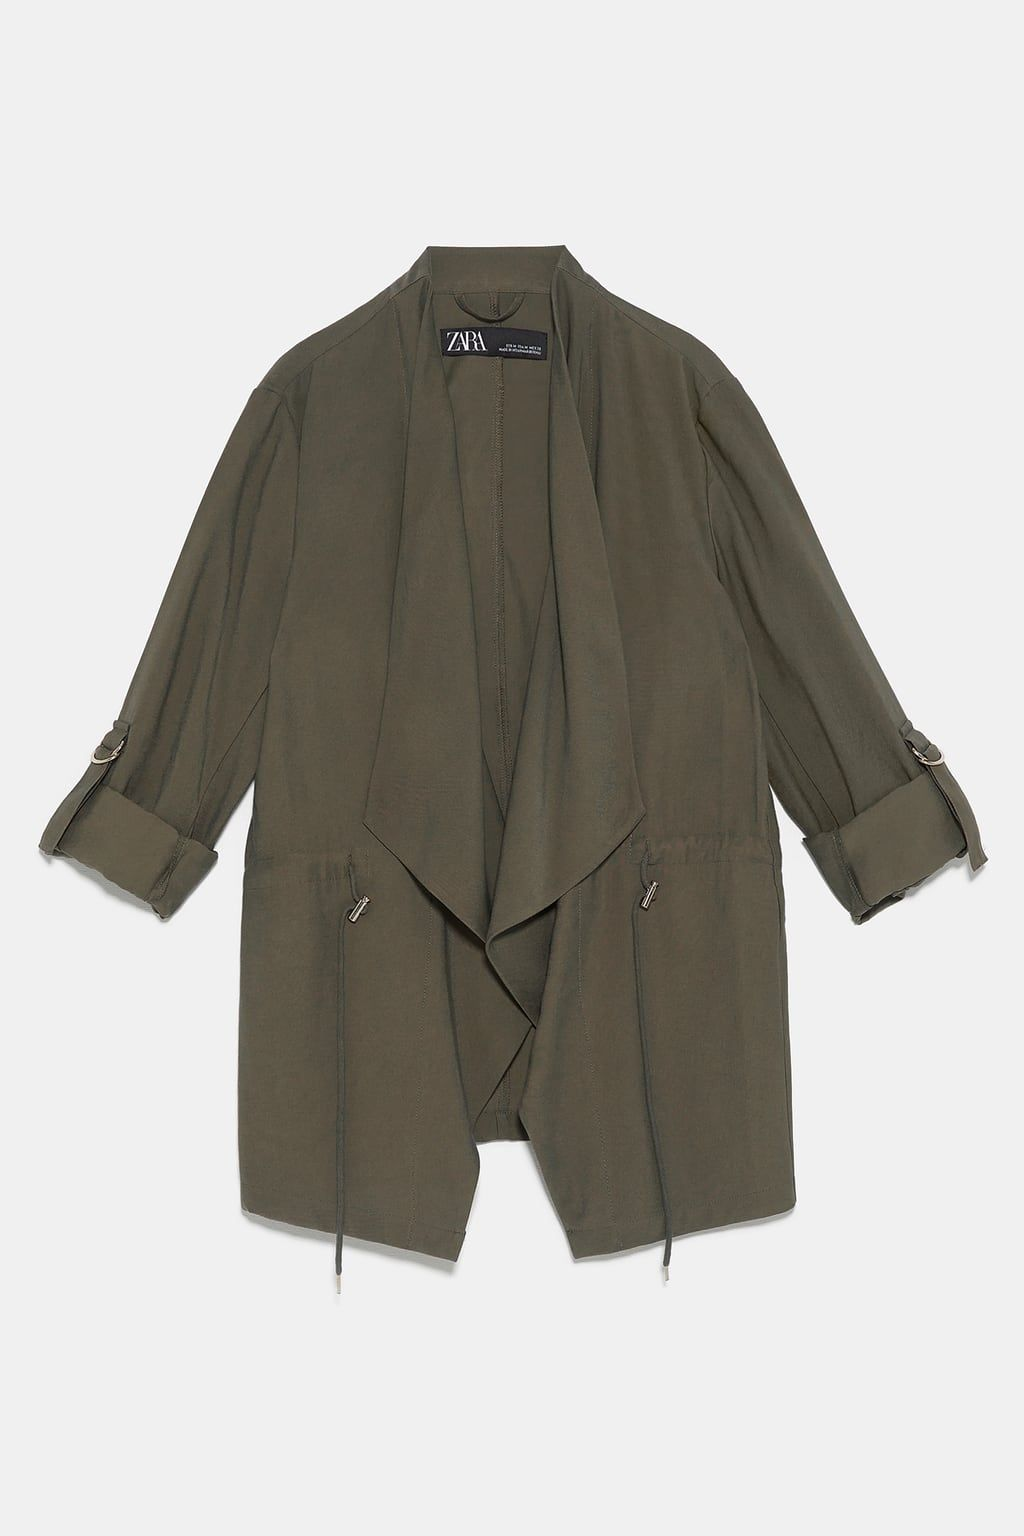 Image 5 Of Flowy Drawstring Jacket From Zara Jackets Drawstring Jacket Blazer Jackets For Women